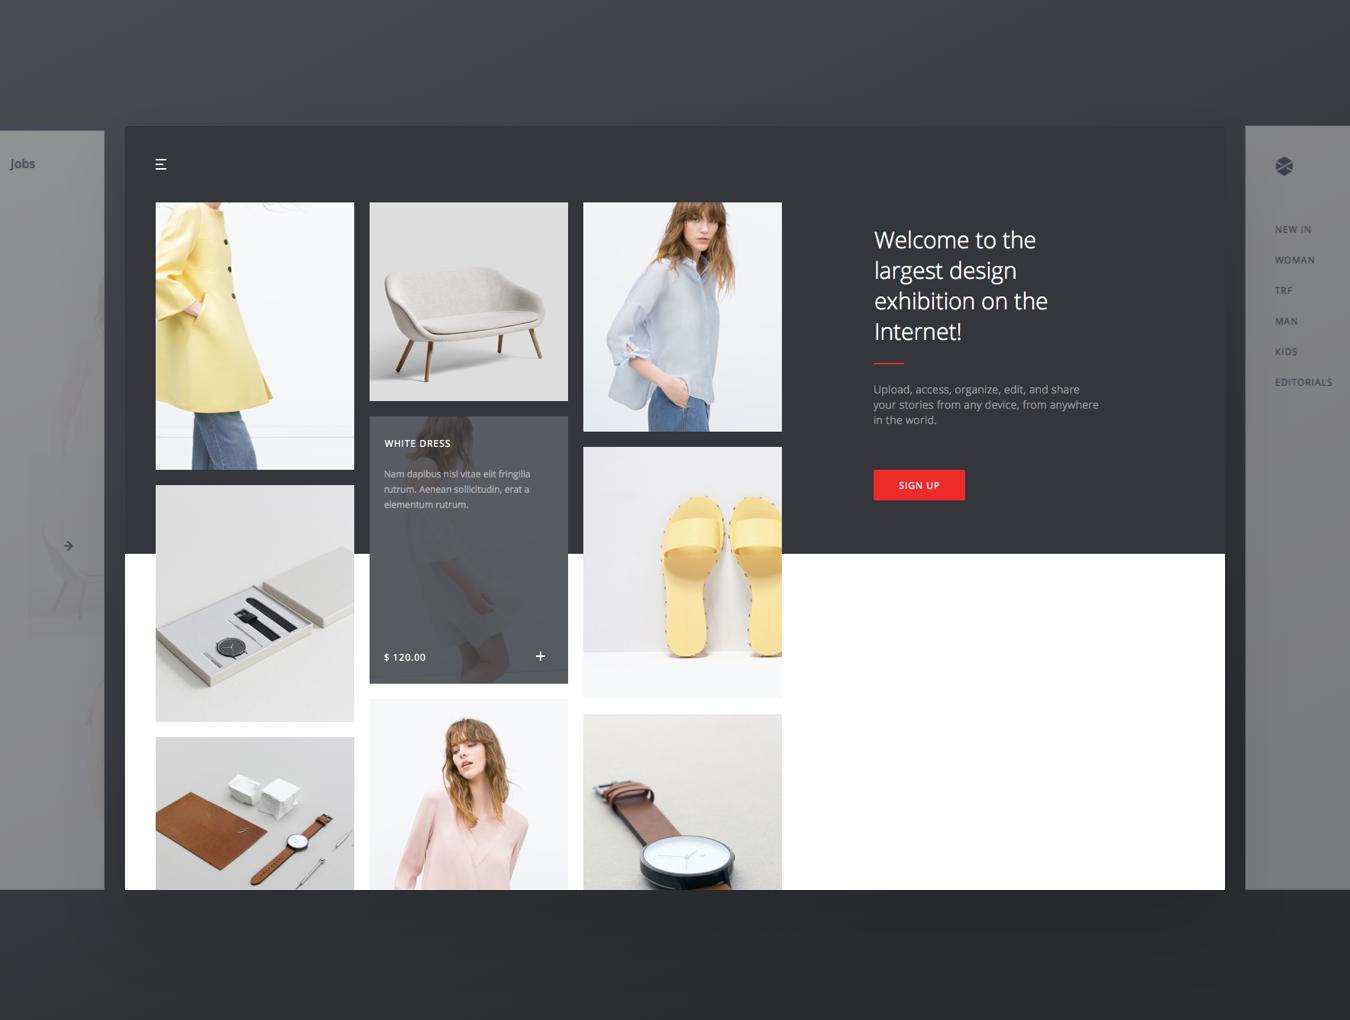 精美在线购物电子商城网站UI设计模板 Avia UI Kit: Shopping插图(4)